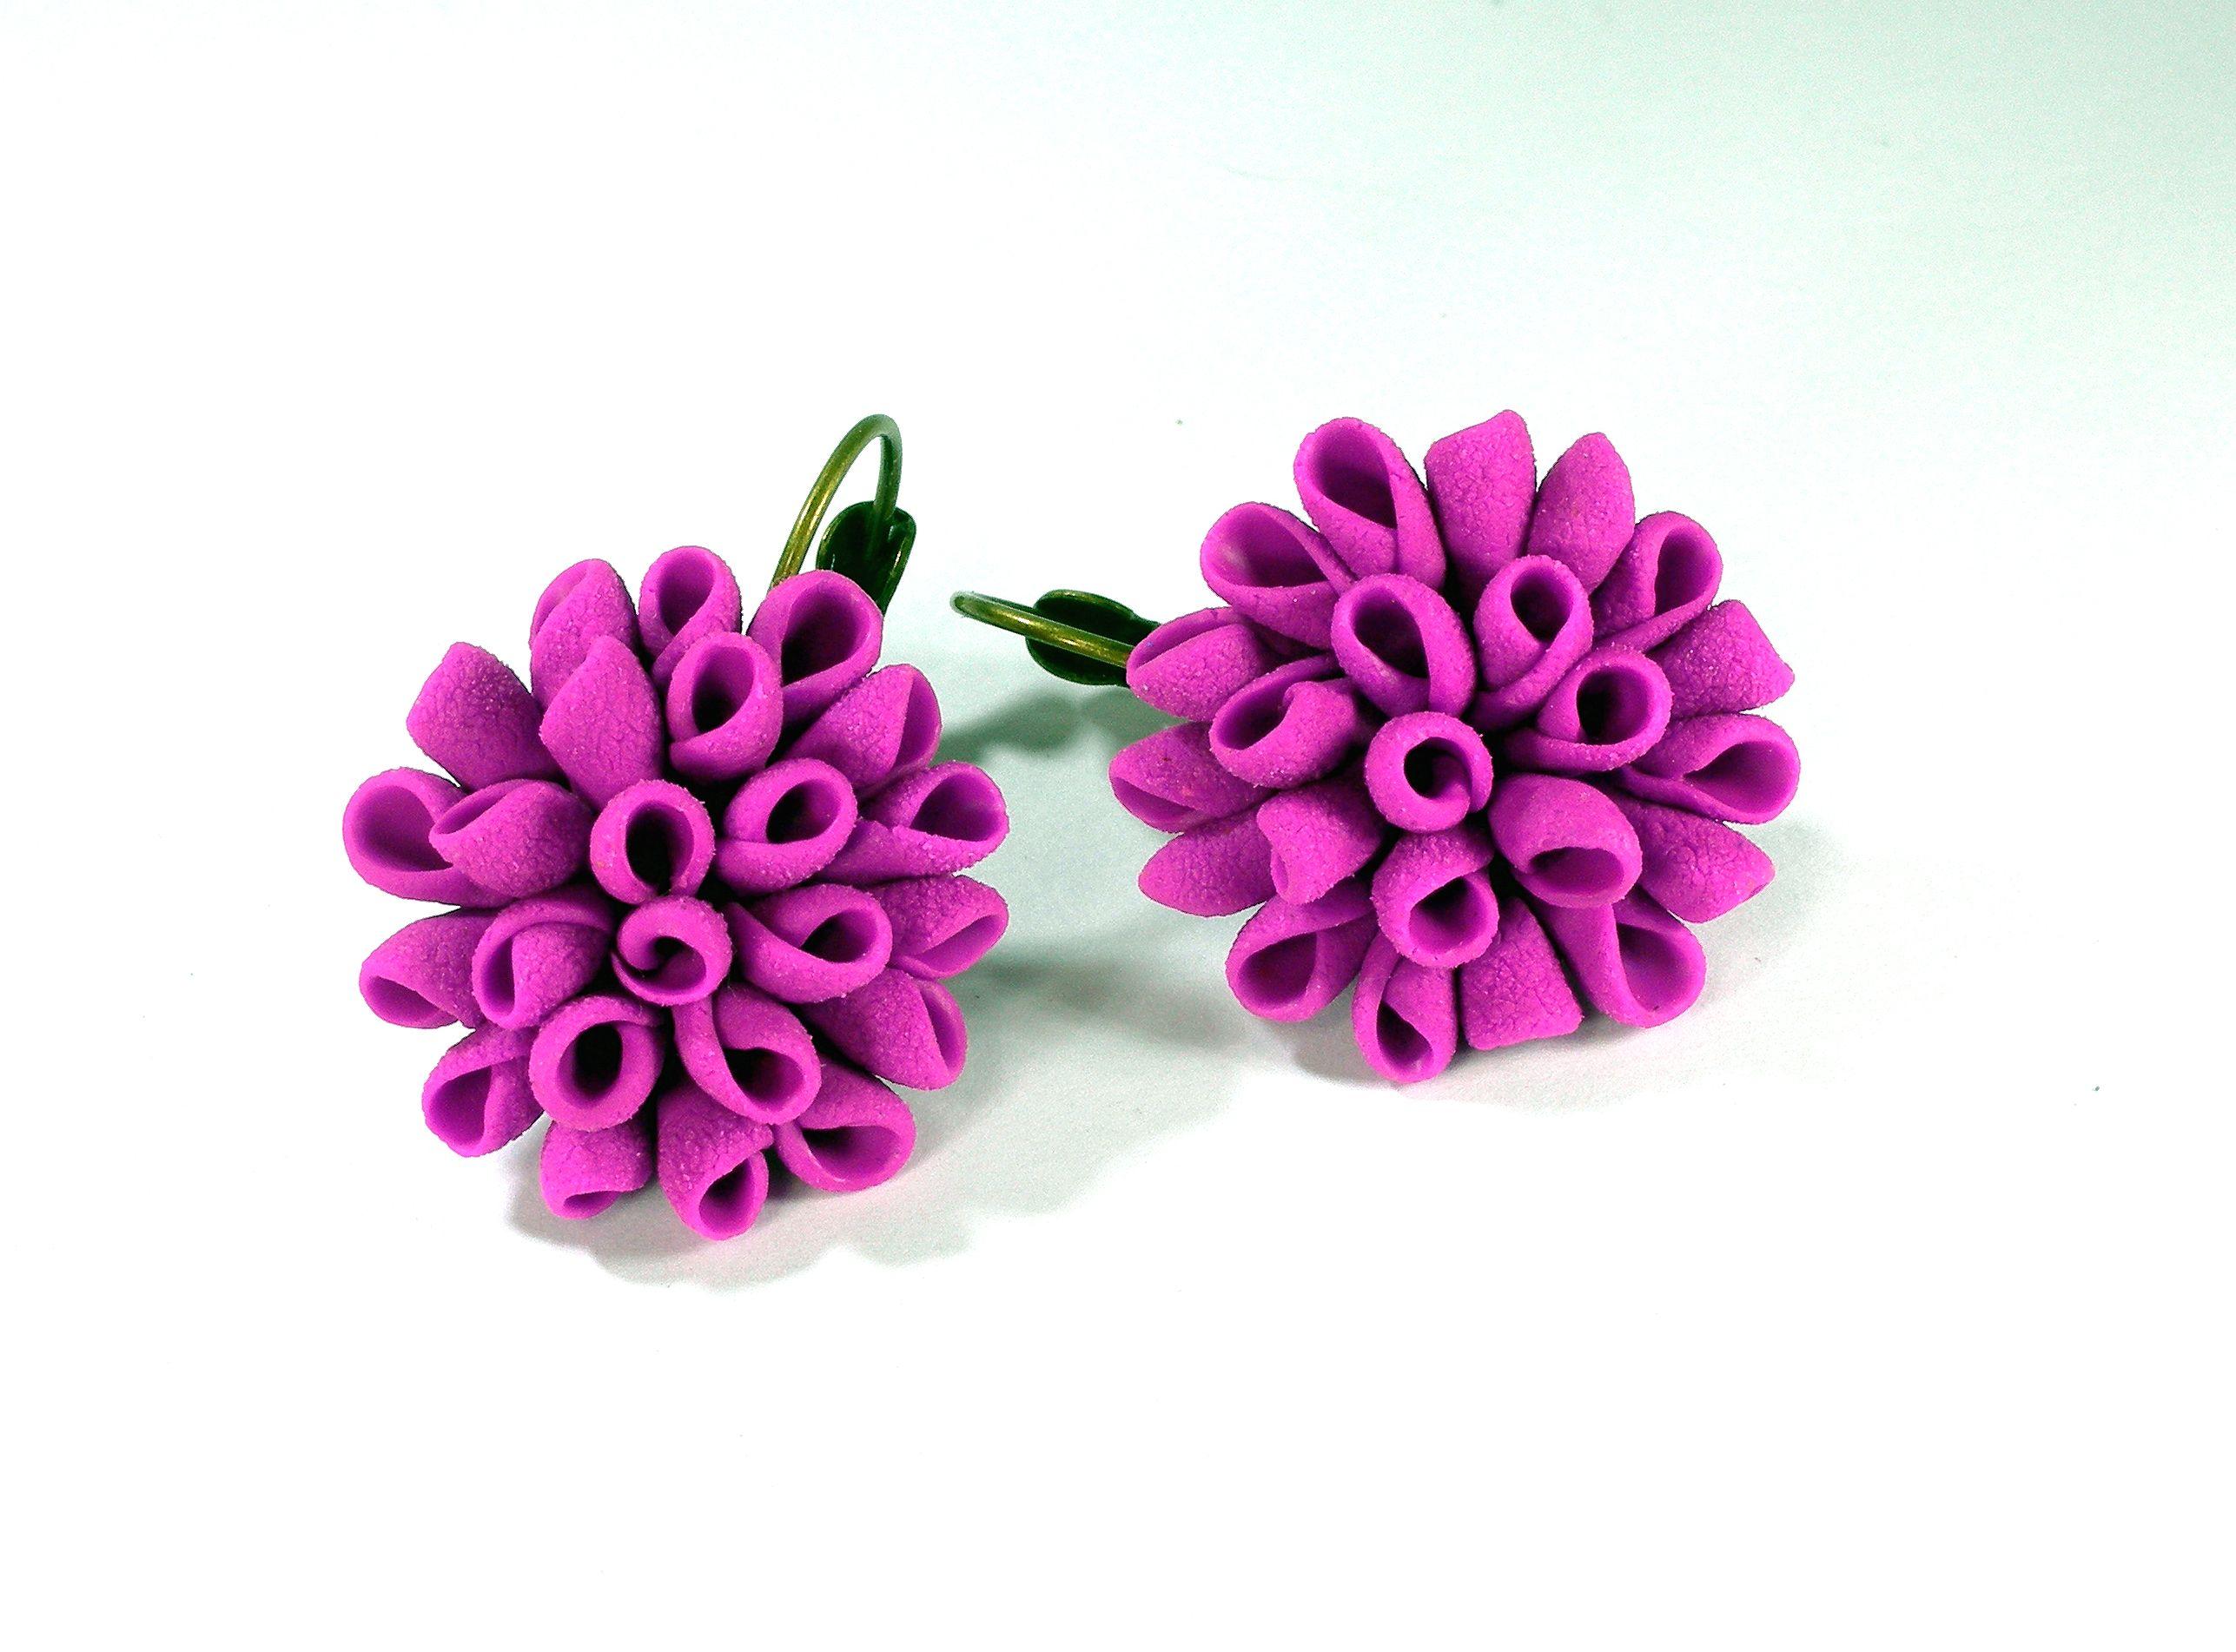 Fuchsia Flower Earrings Fashion Flower Jewelry Made From Polymer Clay Fuchsia Earrings Jewelry Flower Fas Flower Fashion Flower Jewellery Fuchsia Flower